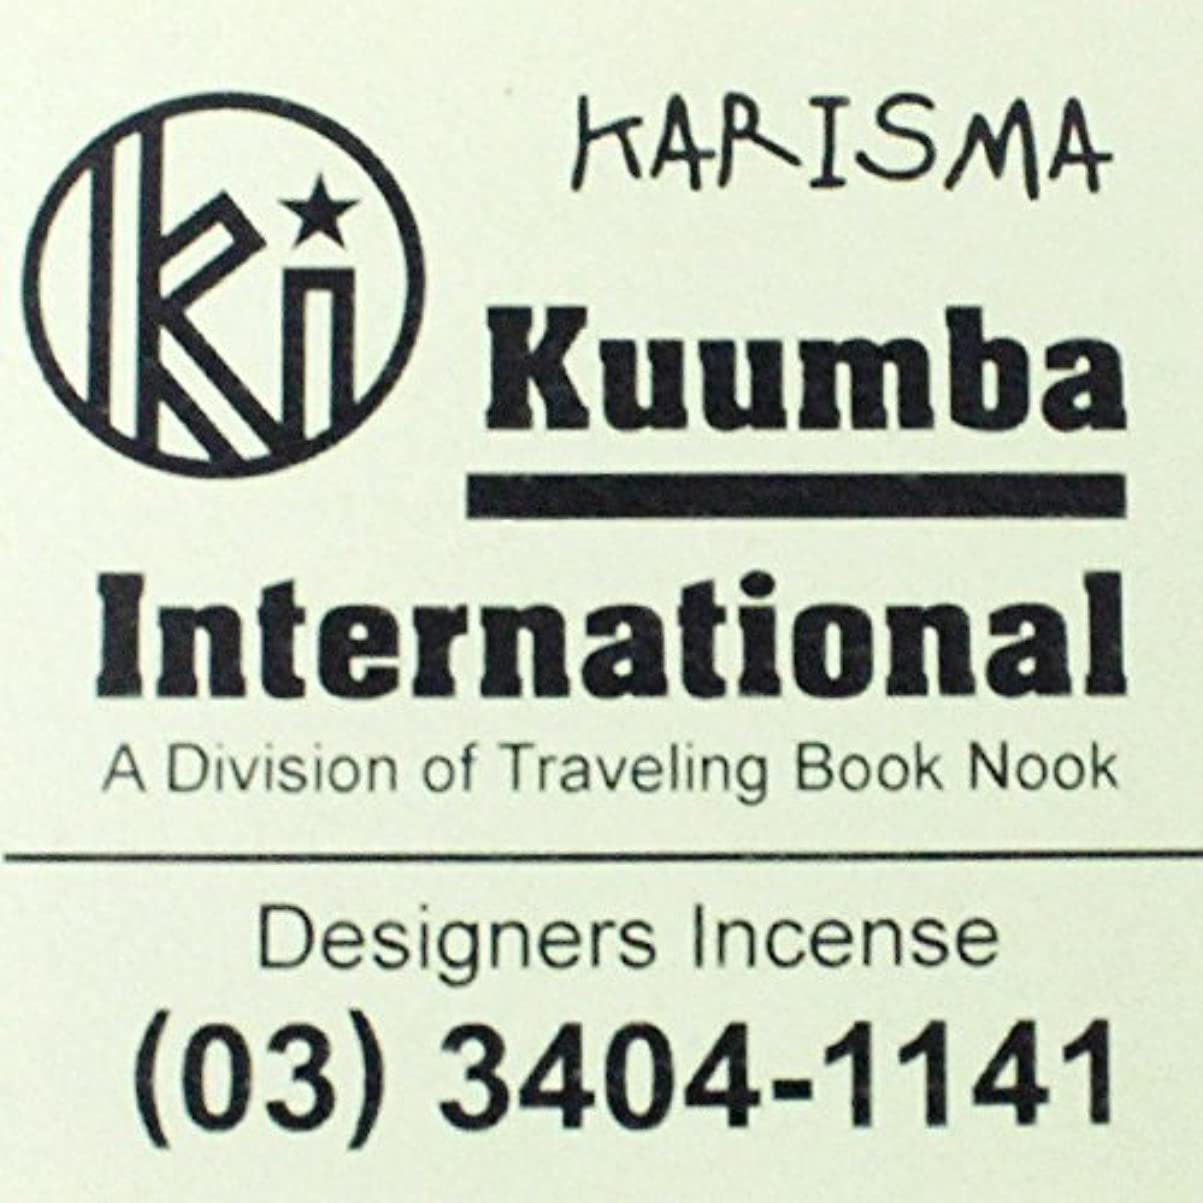 ブランド有効化ピボット(クンバ) KUUMBA『incense』(KARISMA) (Regular size)